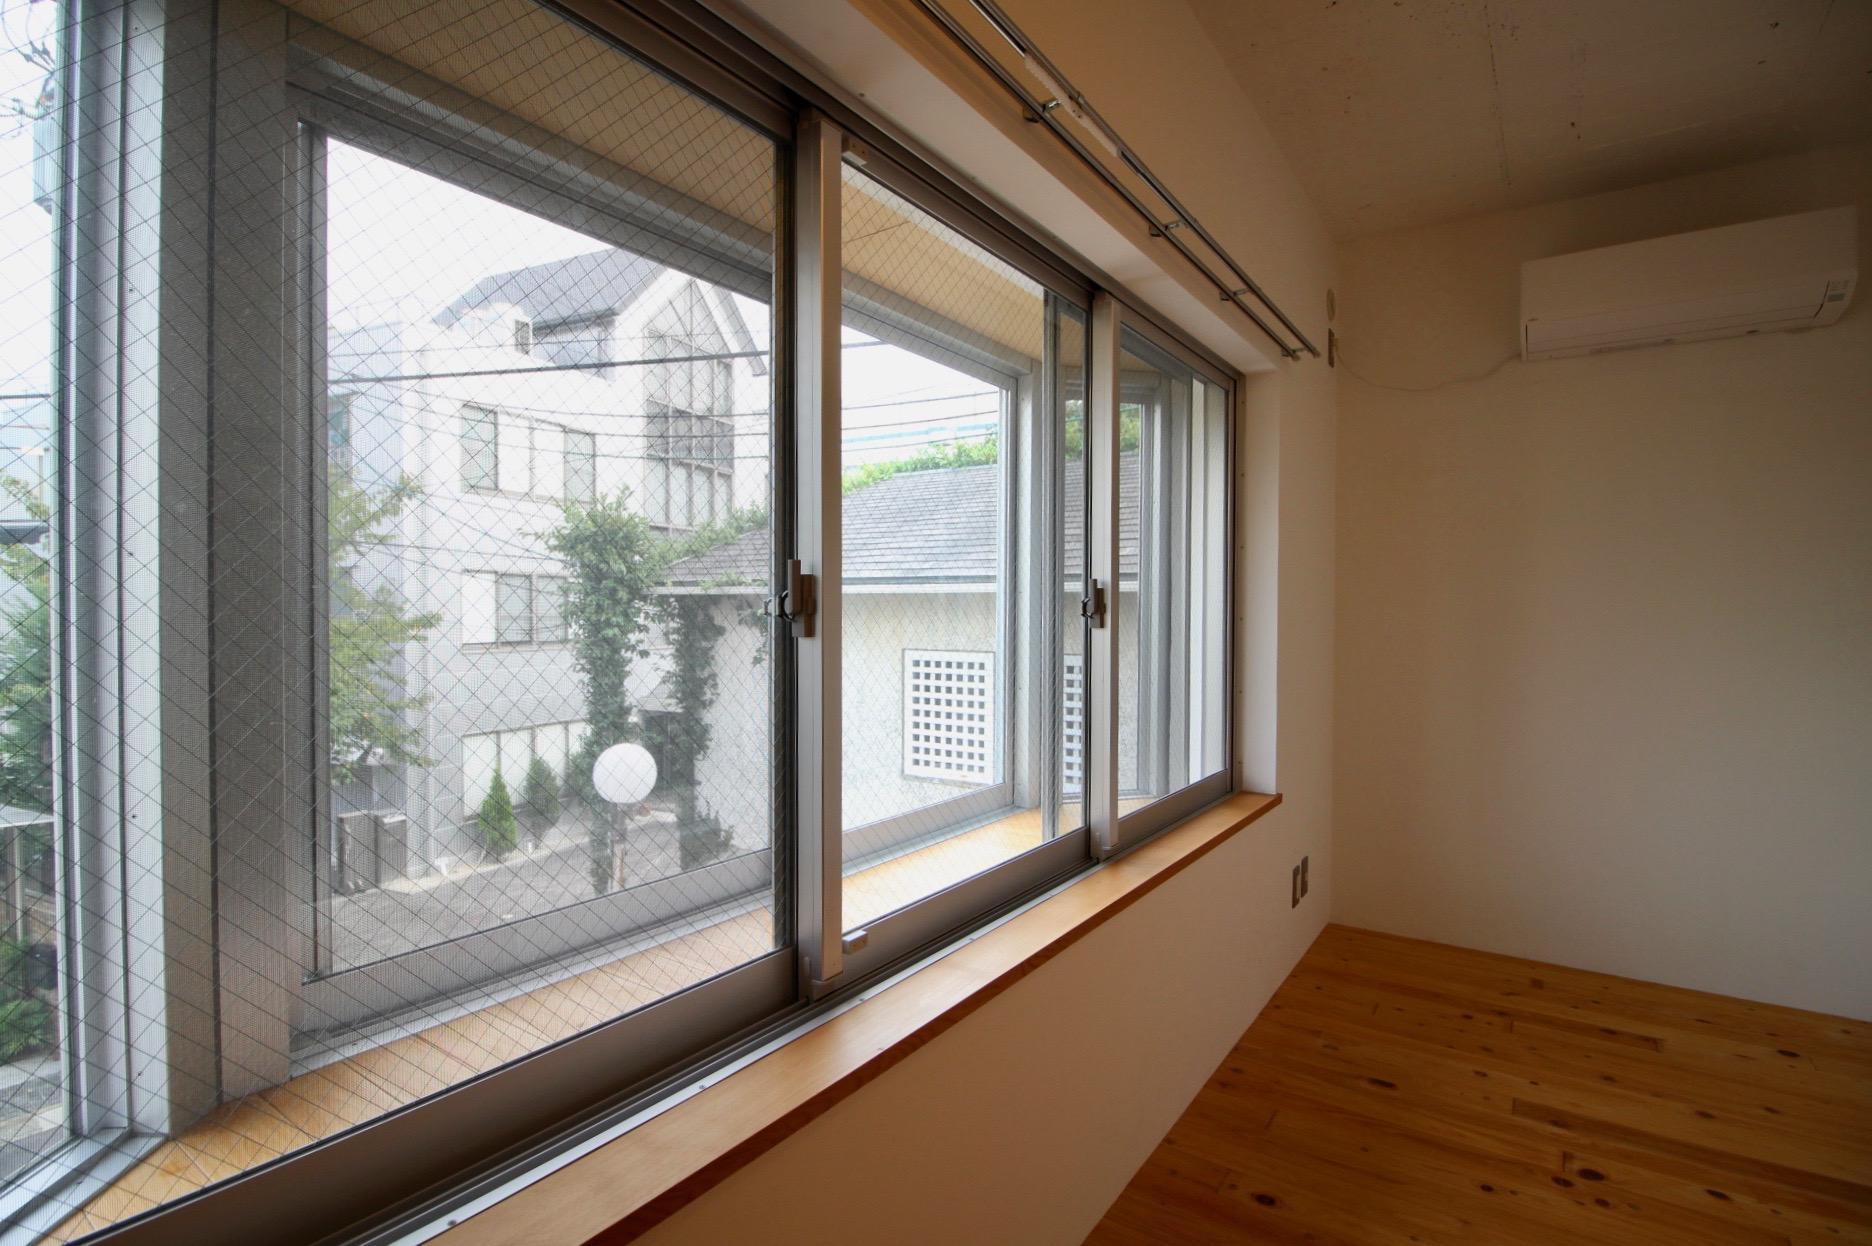 この洋室窓際でも植物を育てたい